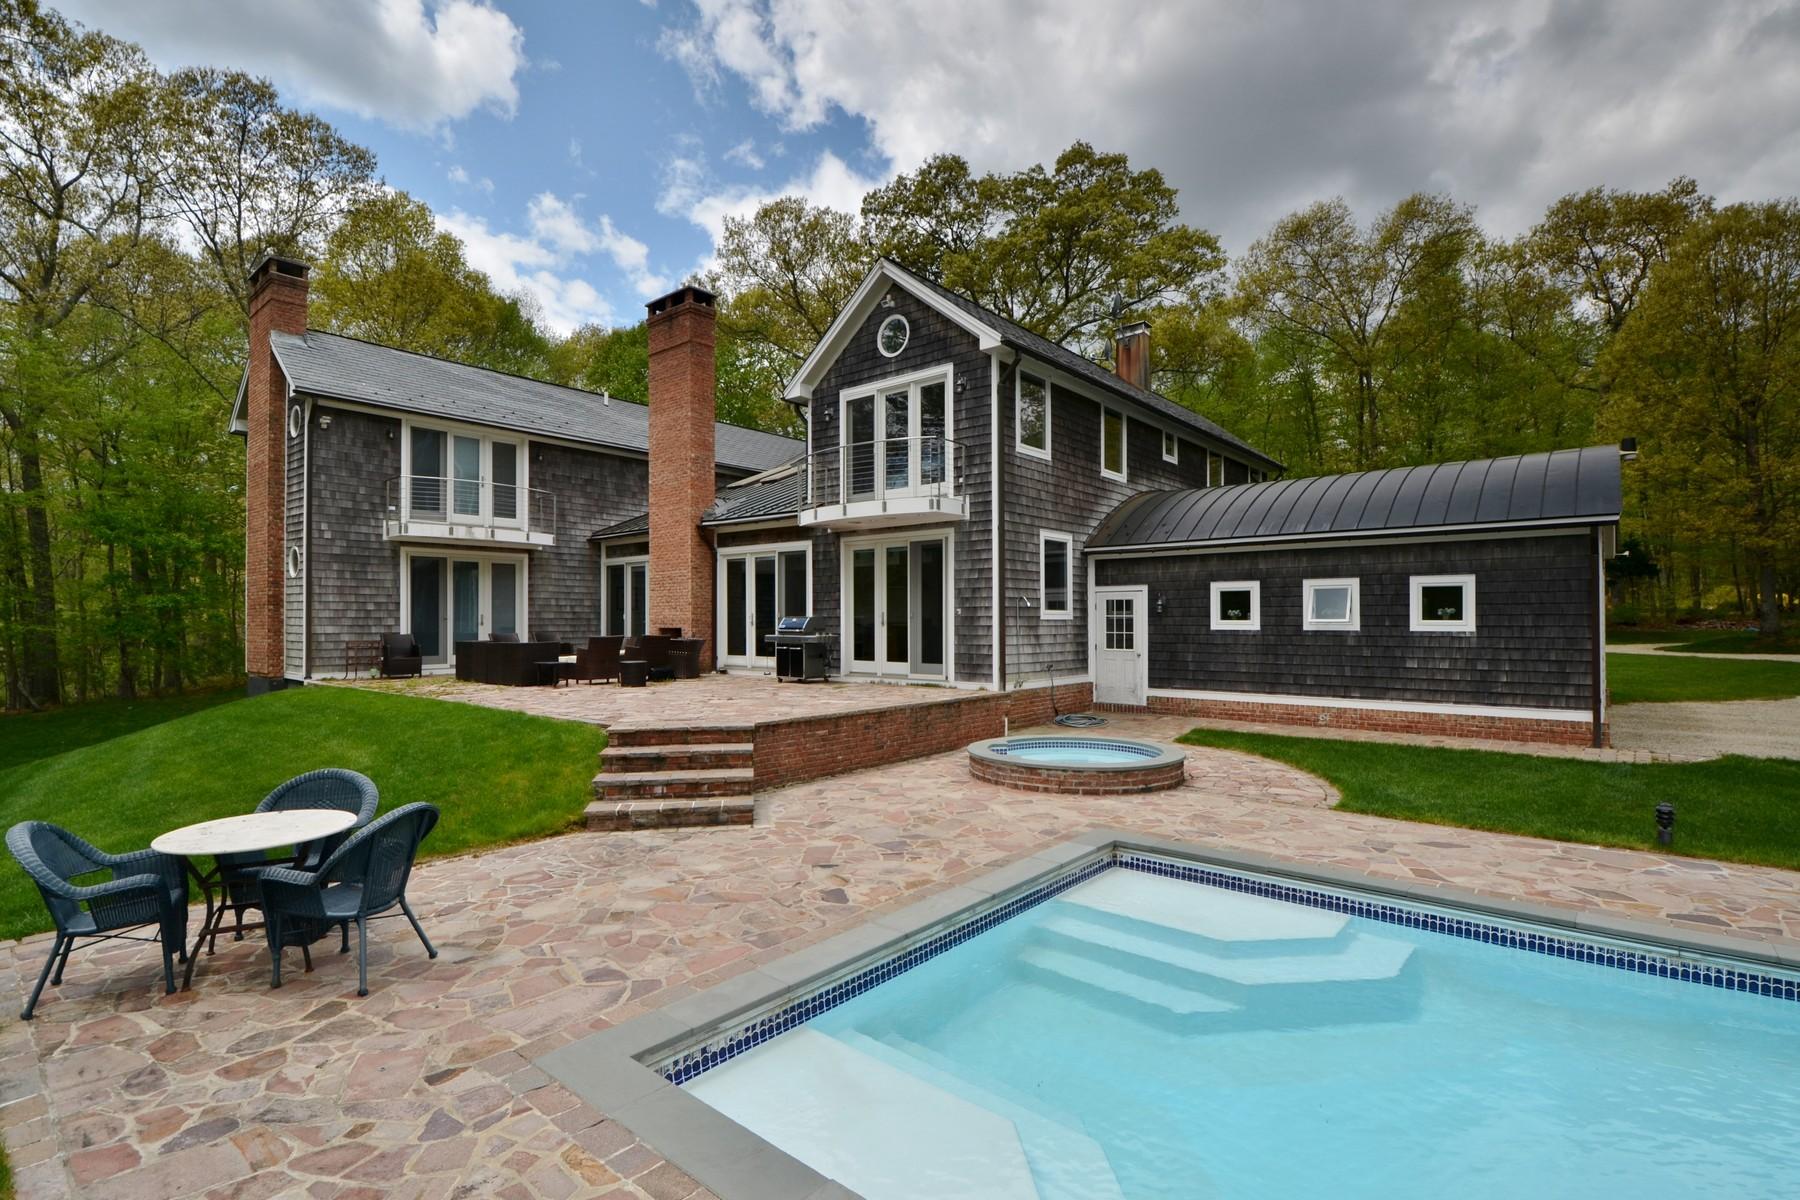 Einfamilienhaus für Verkauf beim Desirable Otter Cove on Quiet 2.71 Acres 36 Otter Cove Dr Old Saybrook, Connecticut, 06475 Vereinigte Staaten